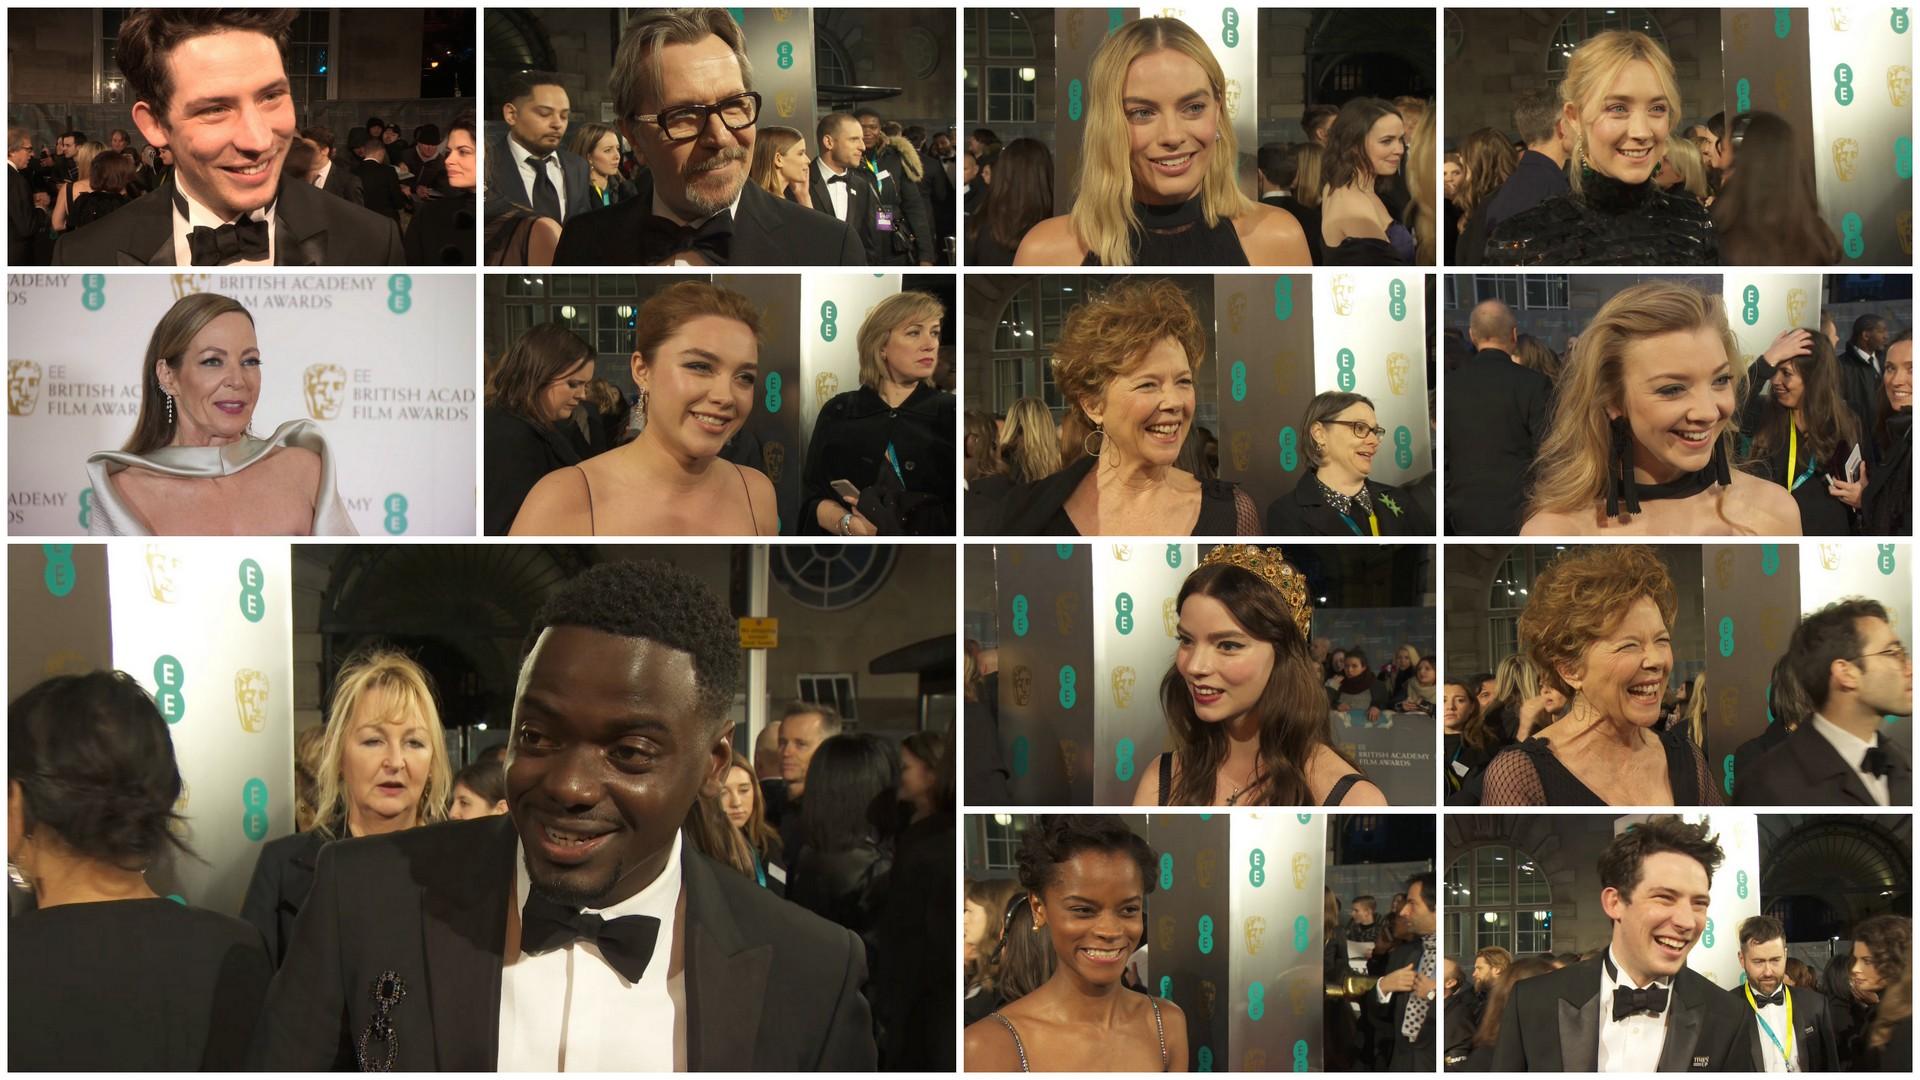 BAFTA Awards 2018